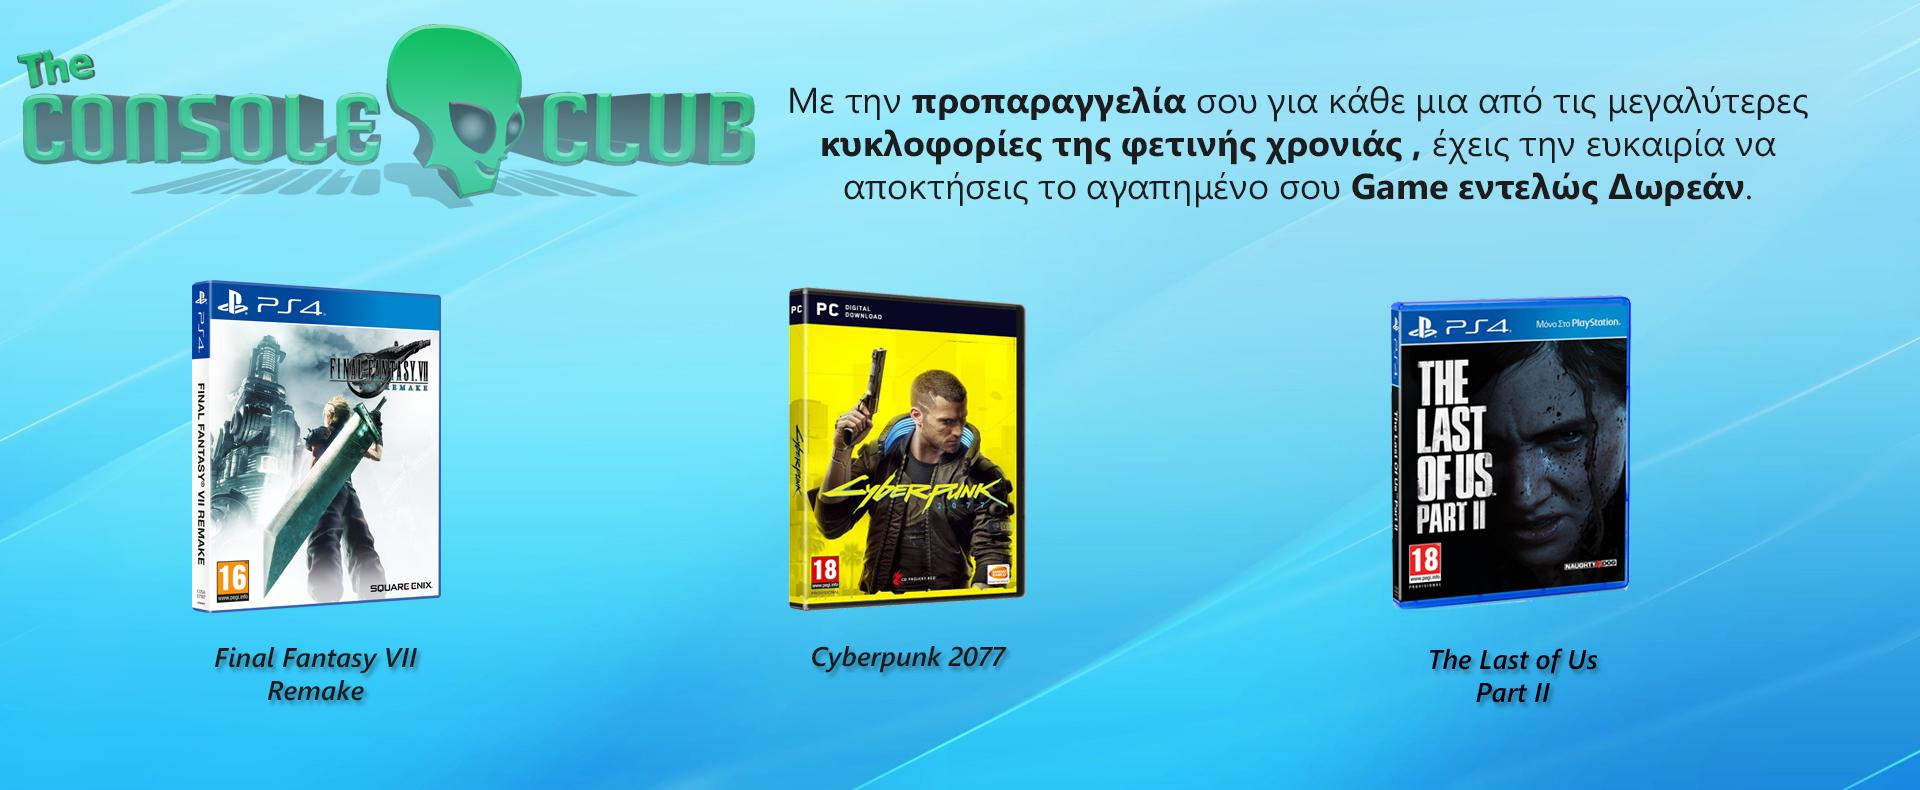 title_5e4cad3b09d0021020838221582083387